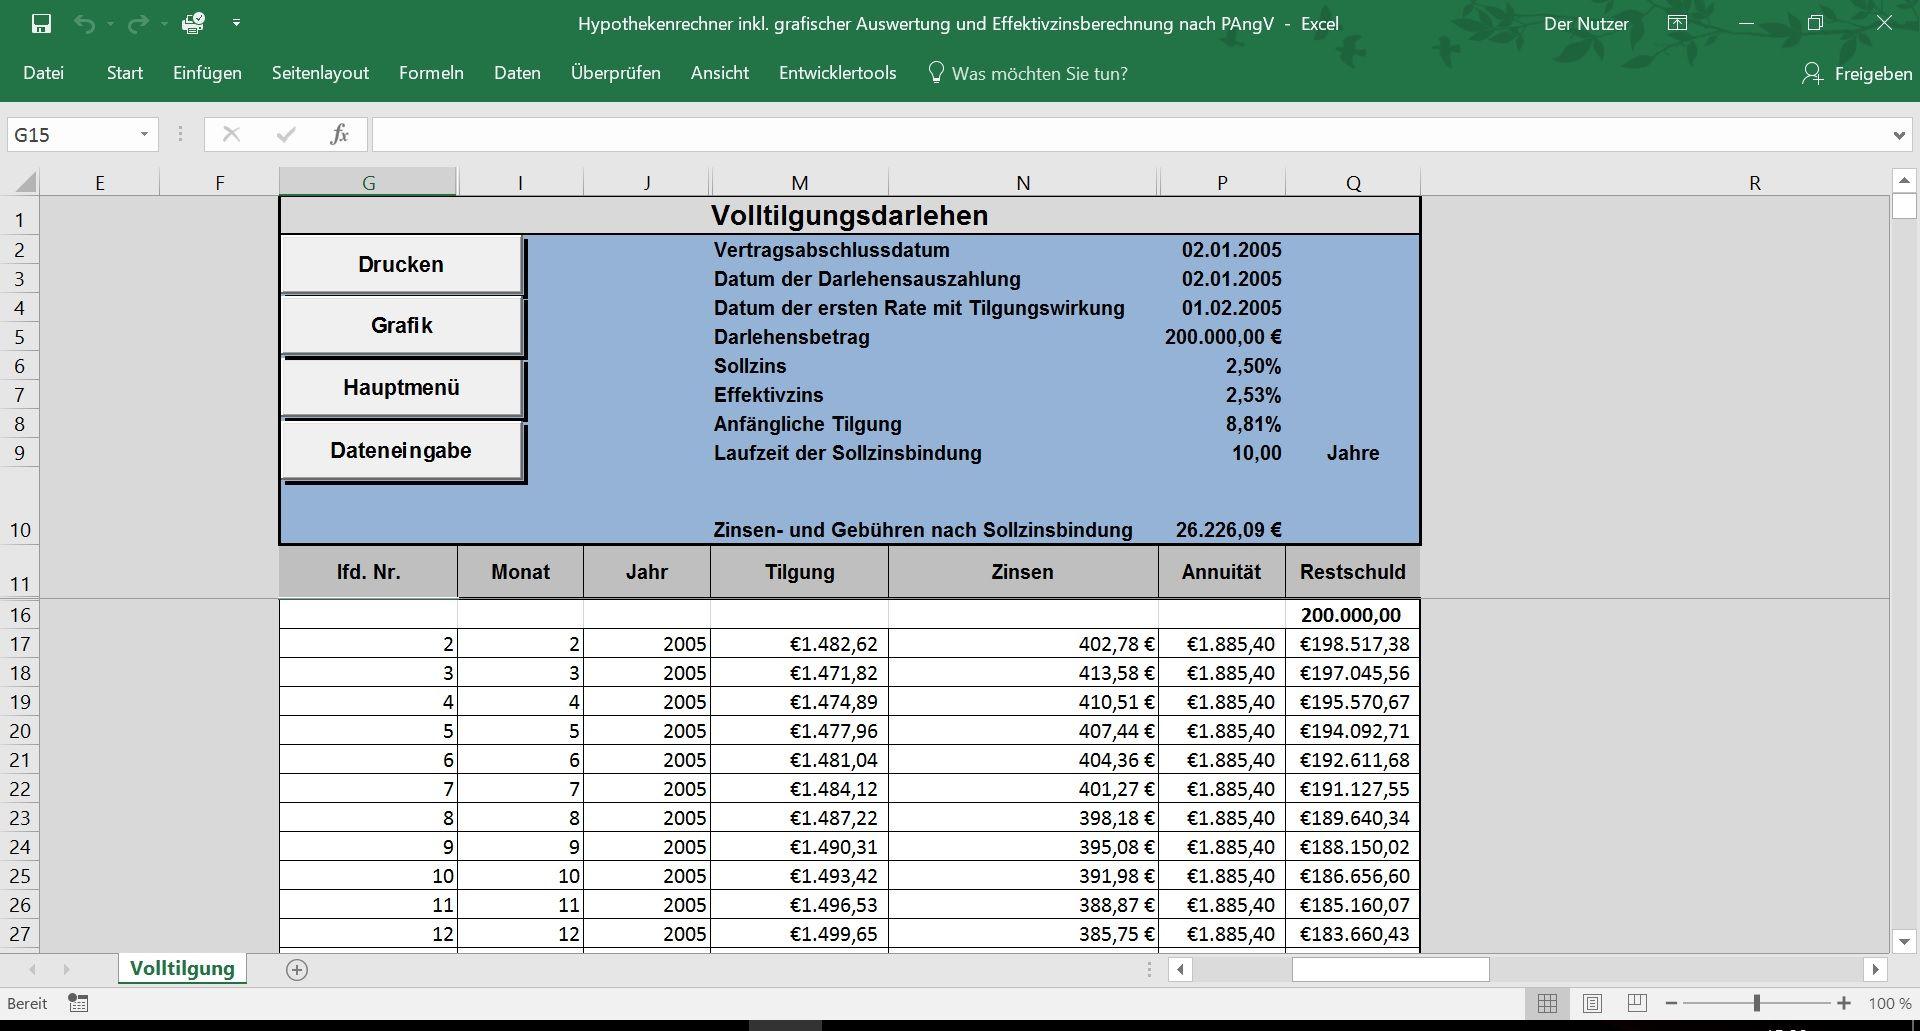 Hypothekenrechner inkl. grafischer Auswertung und ...